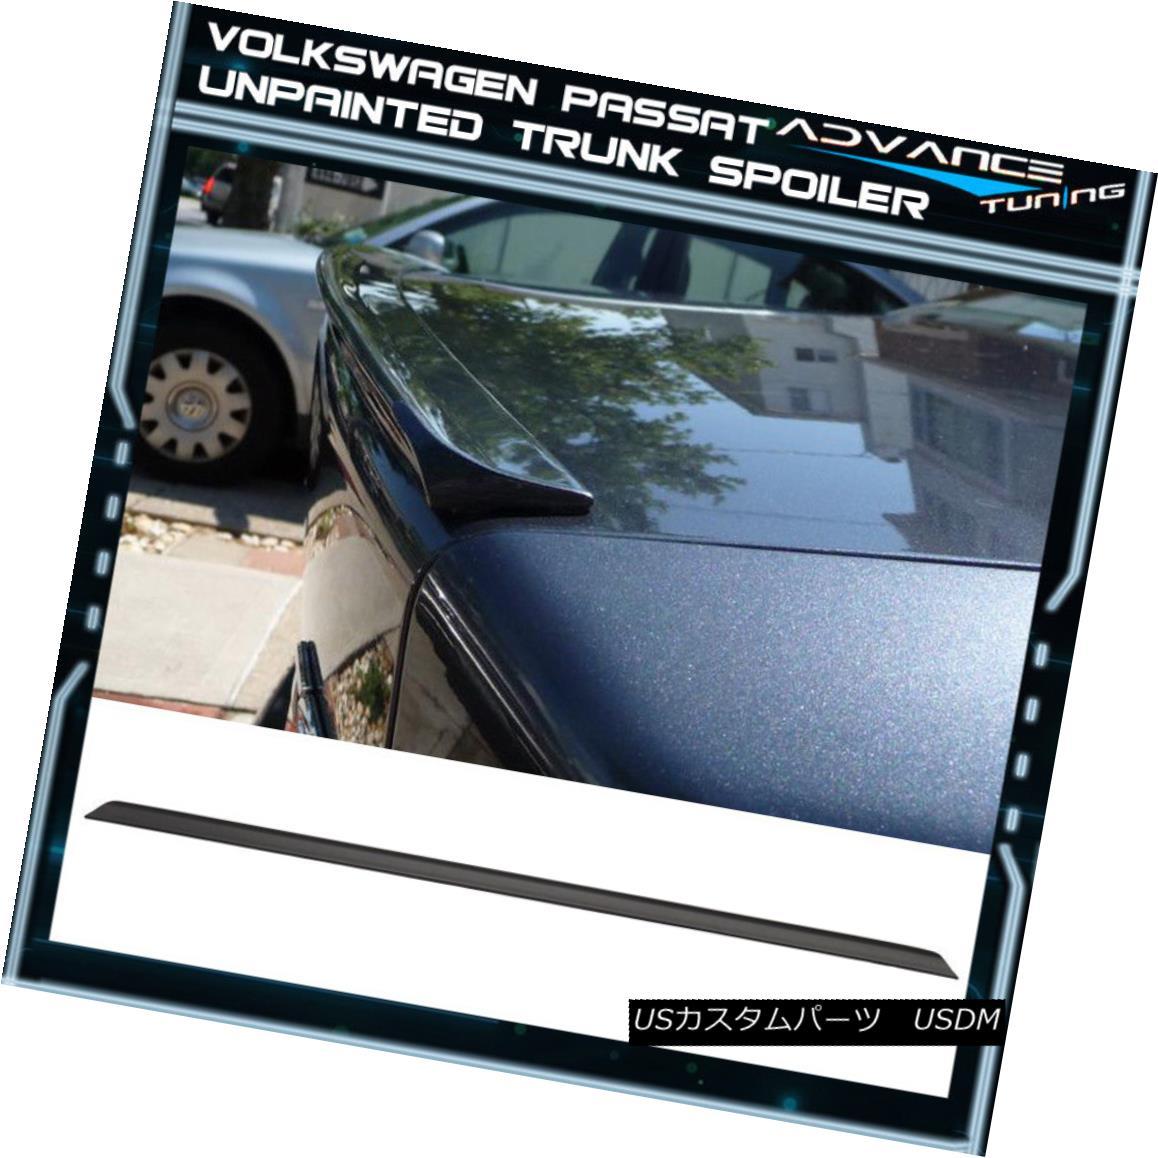 エアロパーツ 97-04 VW Volkswagen Passat B5 MK5 PV Style Unpainted Black Trunk Spoiler - PUF 97-04 VWフォルクスワーゲン・パサートB5 MK5 PVスタイル未塗装ブラック・トランク・スポイラー - PUF